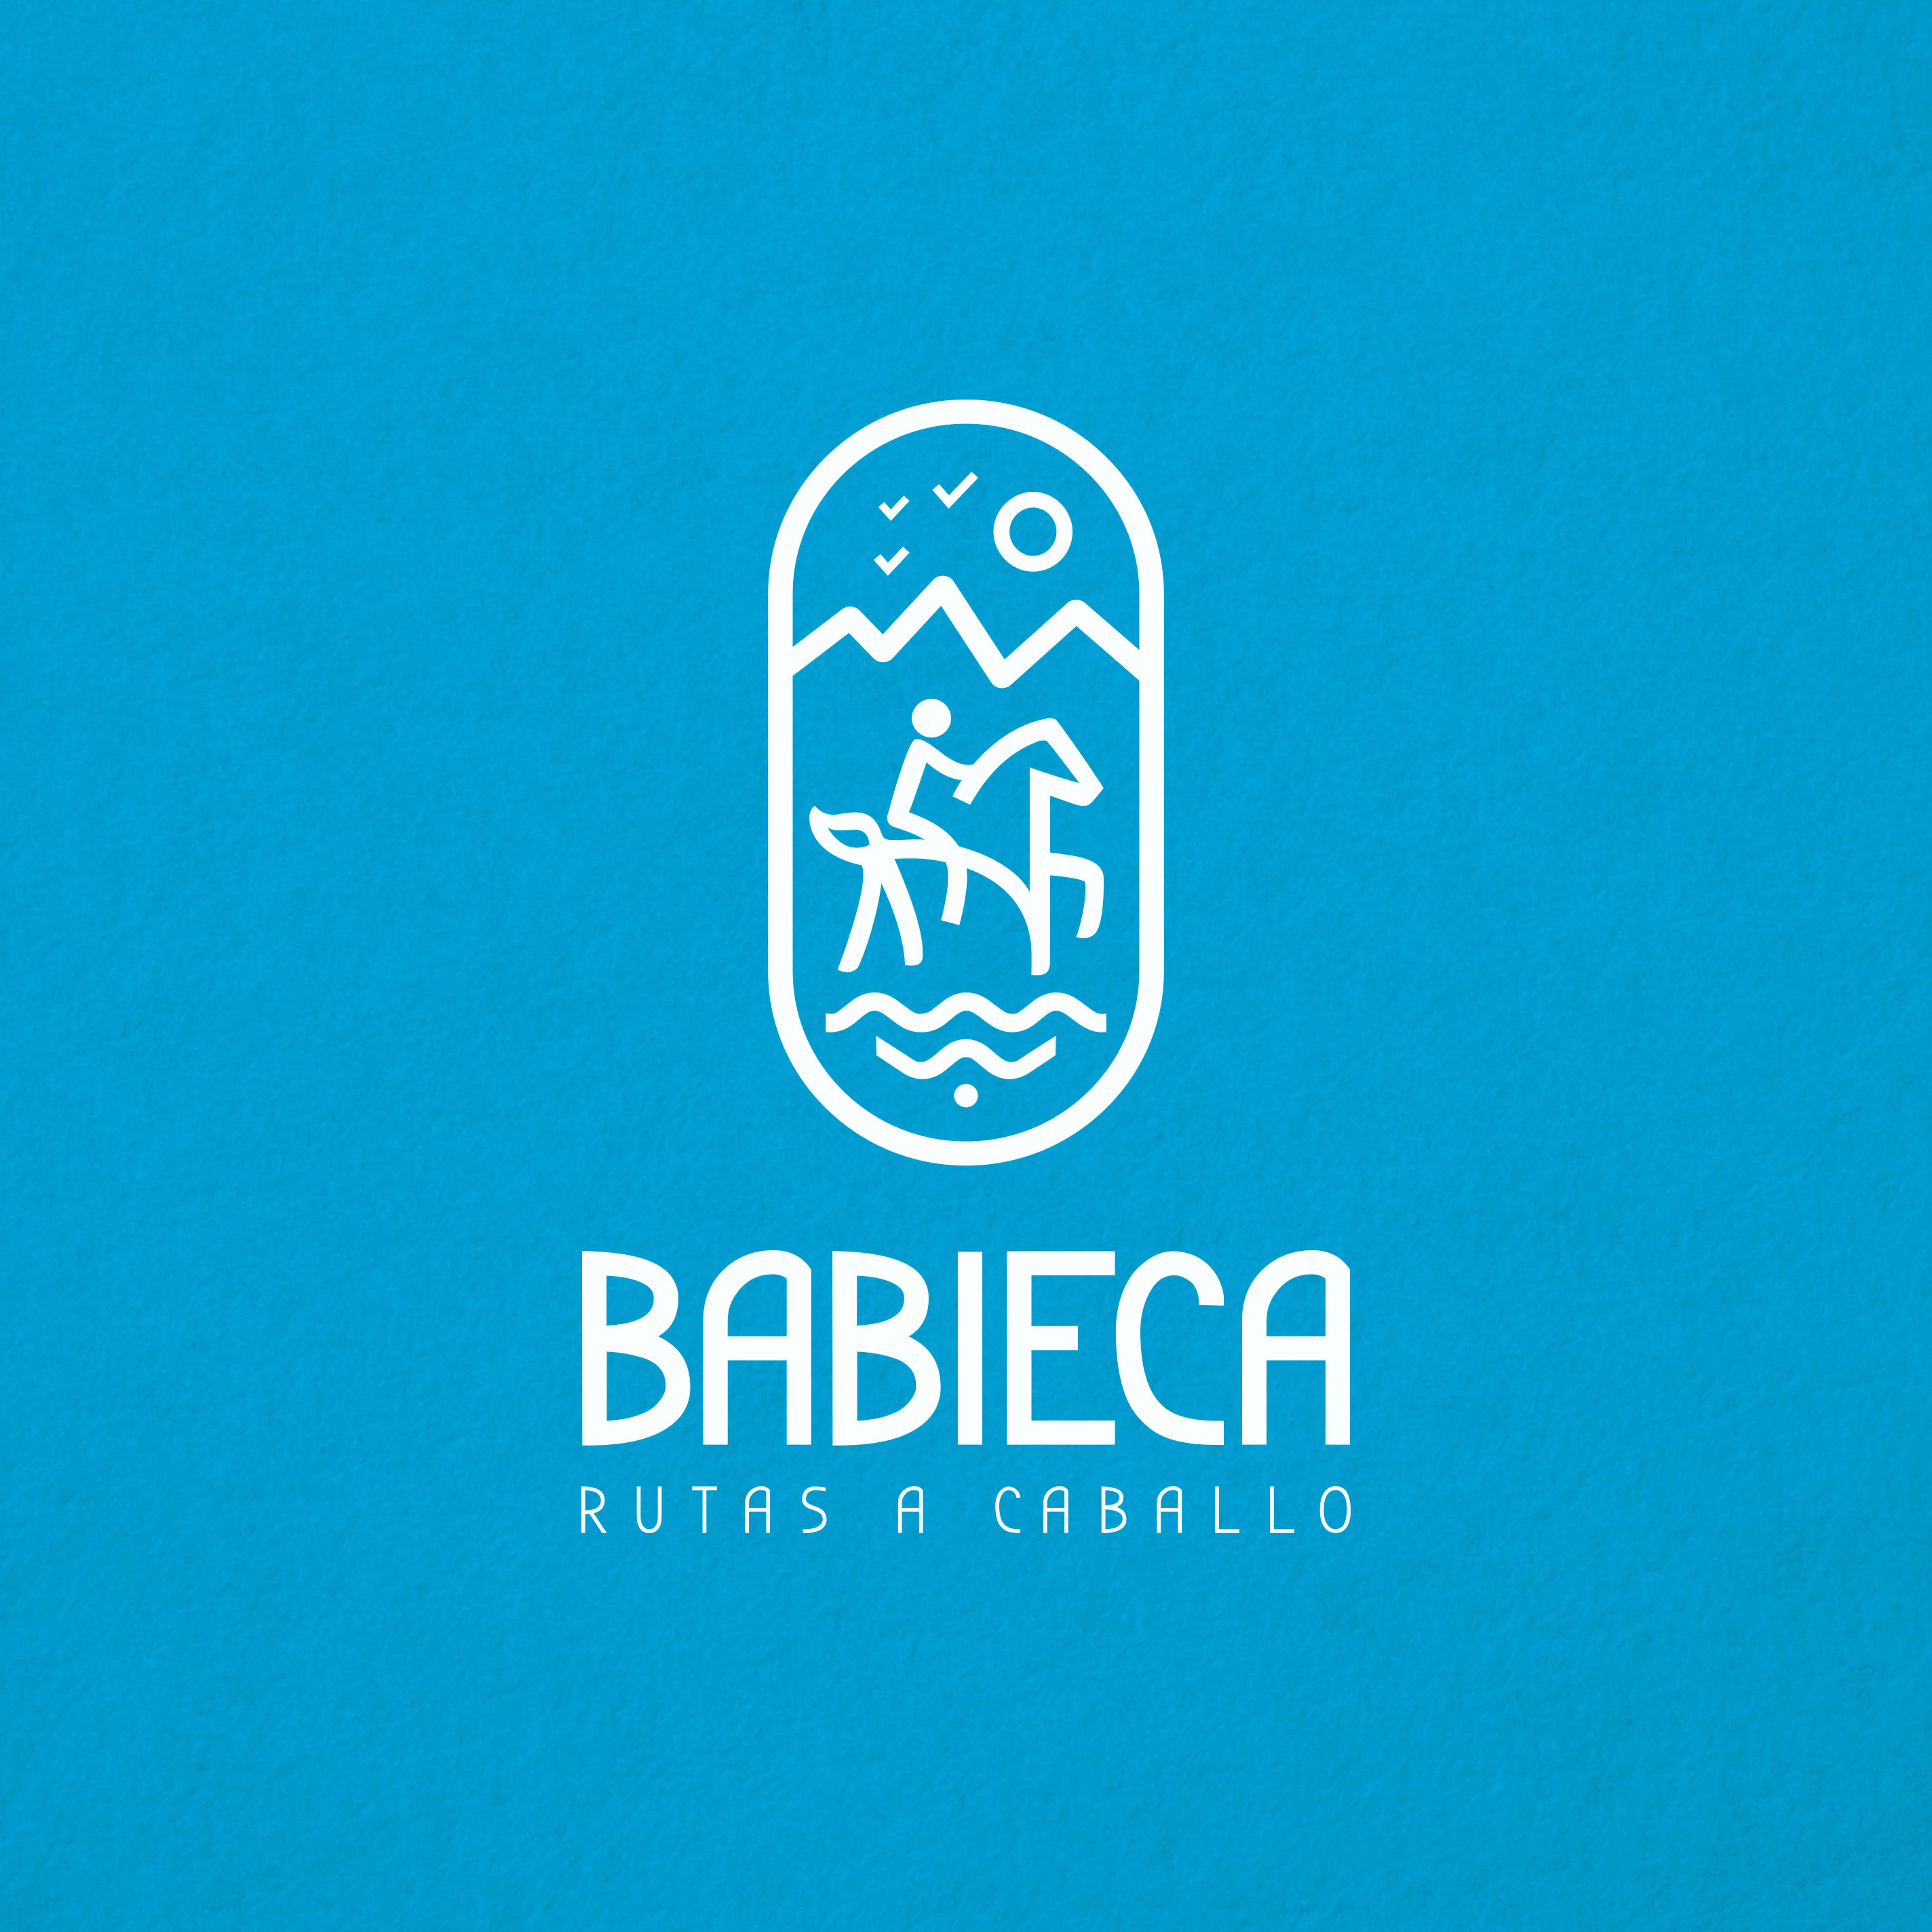 Babieca logo